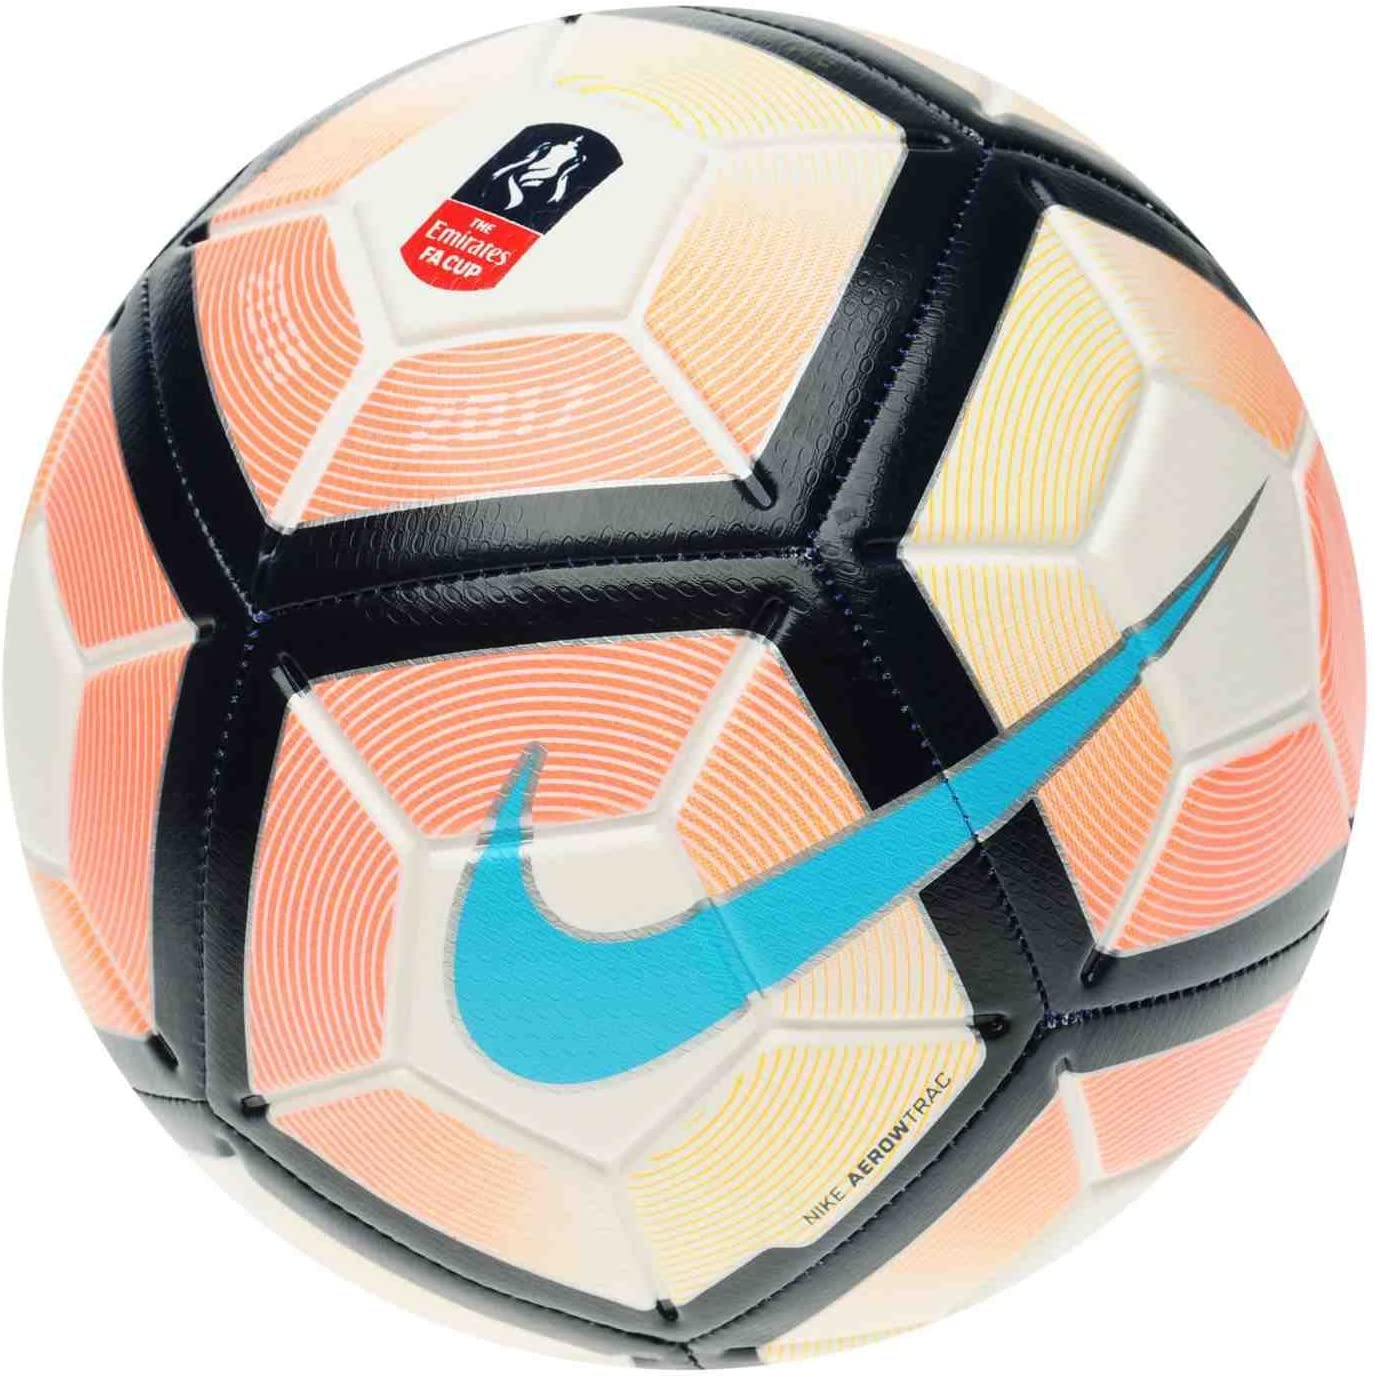 Balón Nike de la liga de fútbol inglesa 2017, disponible en ...